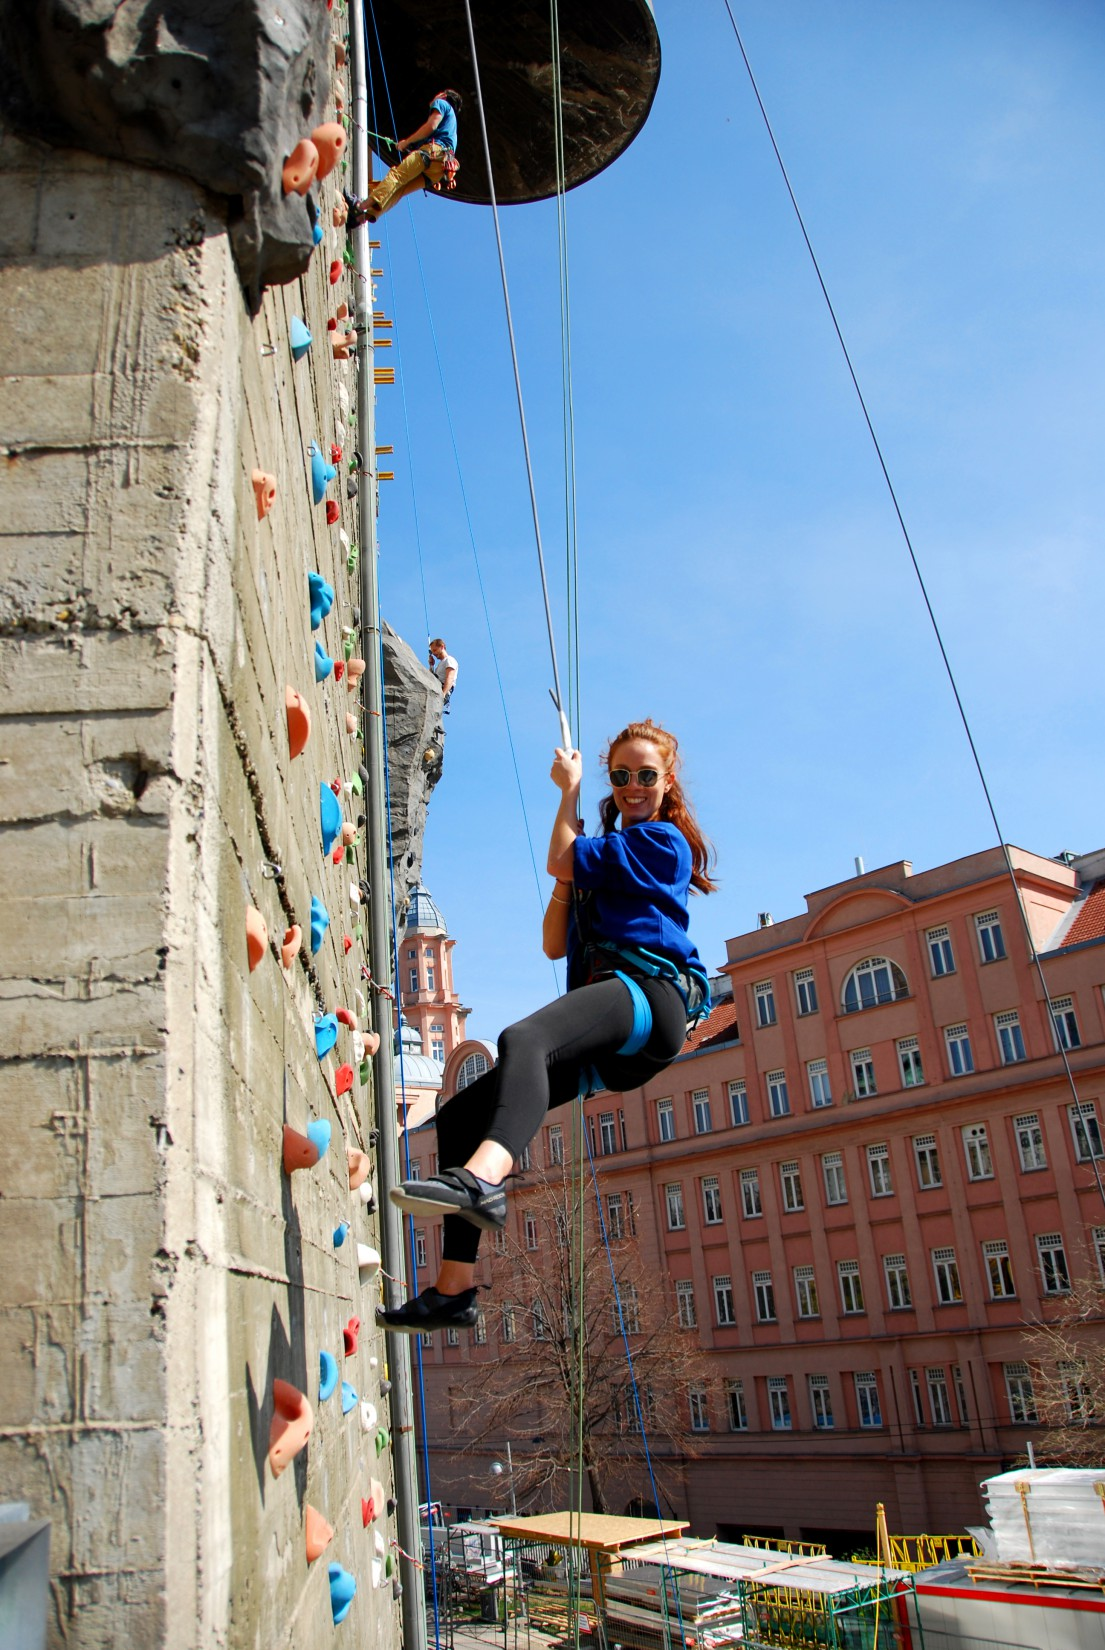 Klettern in Wien in den Sommerferien